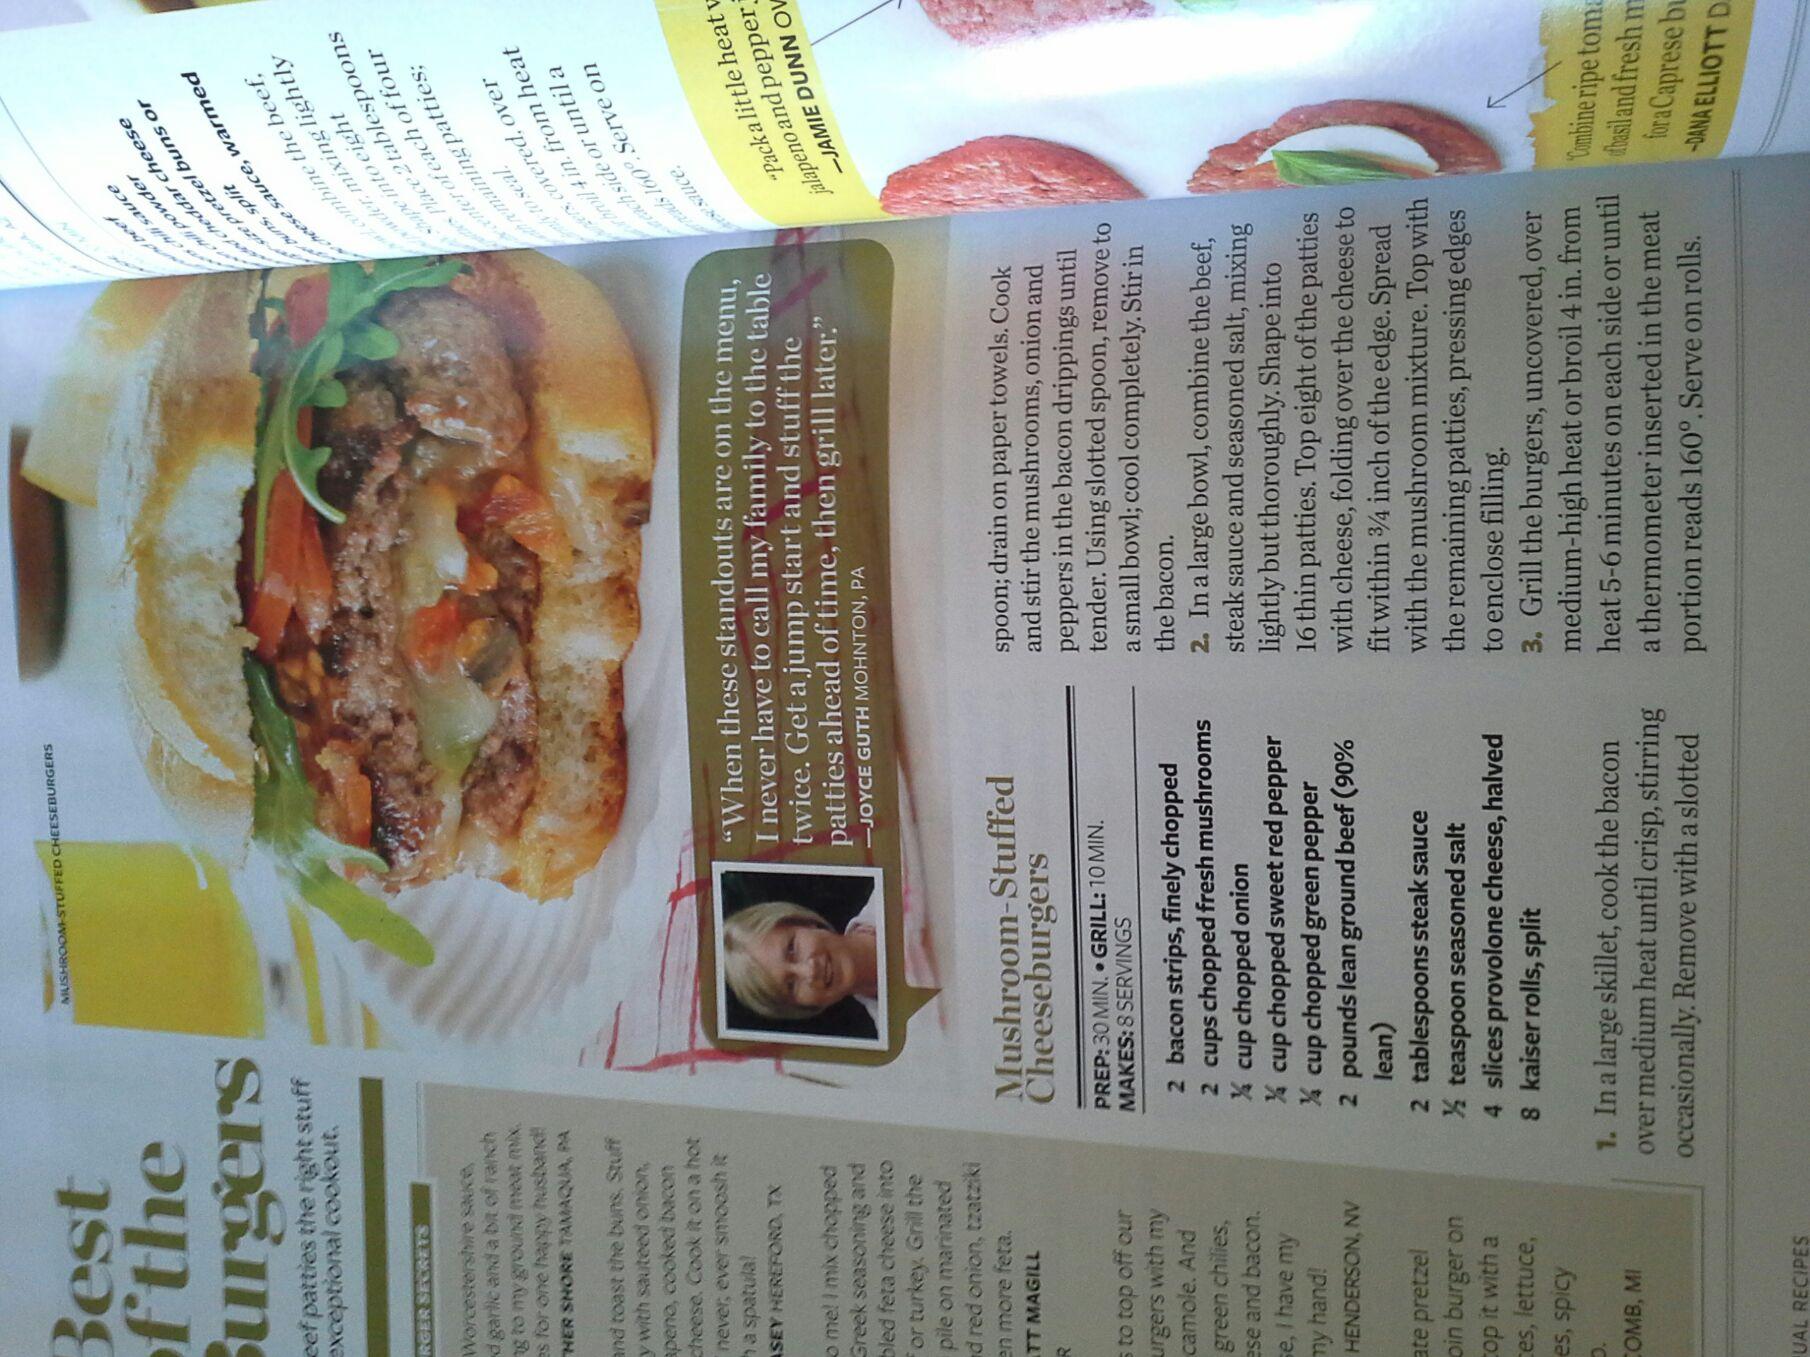 Recipes Compilation - Magazine cover